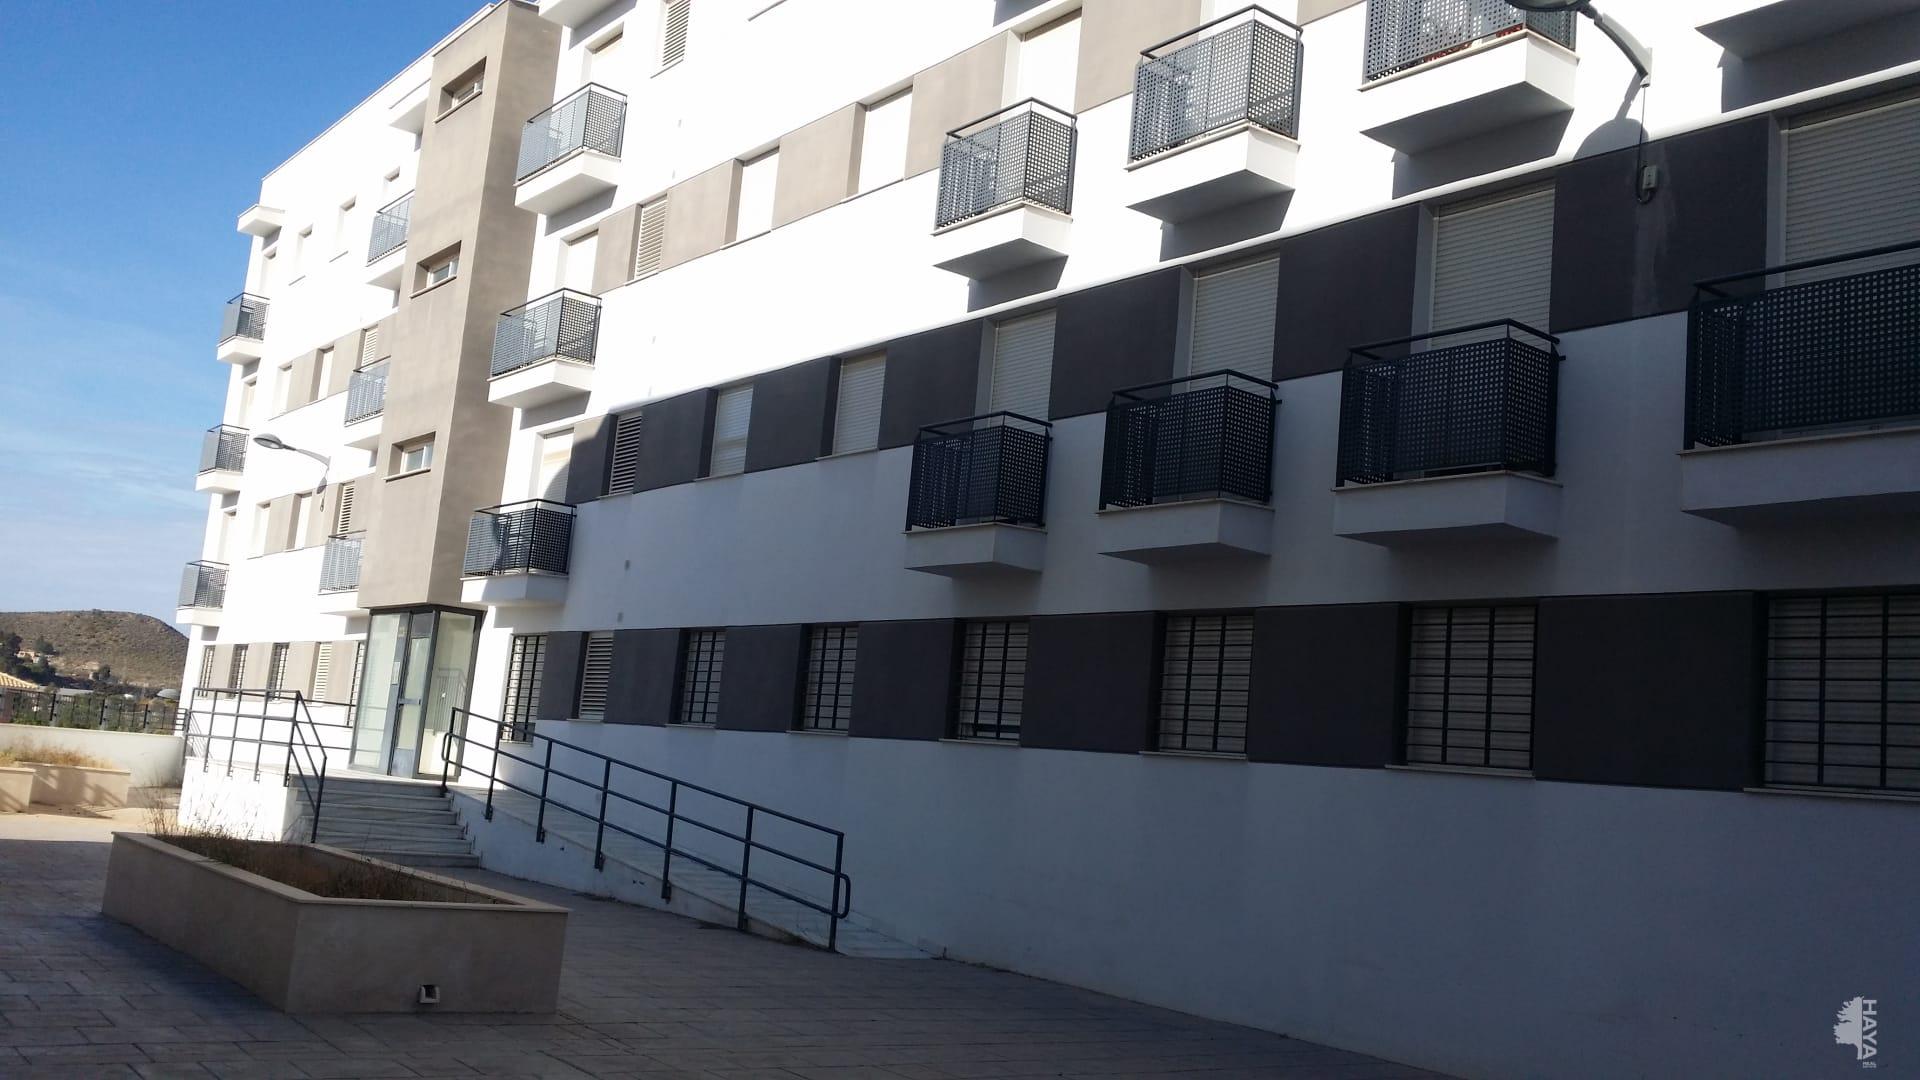 Piso en venta en Olula del Río, Almería, Calle Alta, 64.800 €, 3 habitaciones, 1 baño, 98 m2